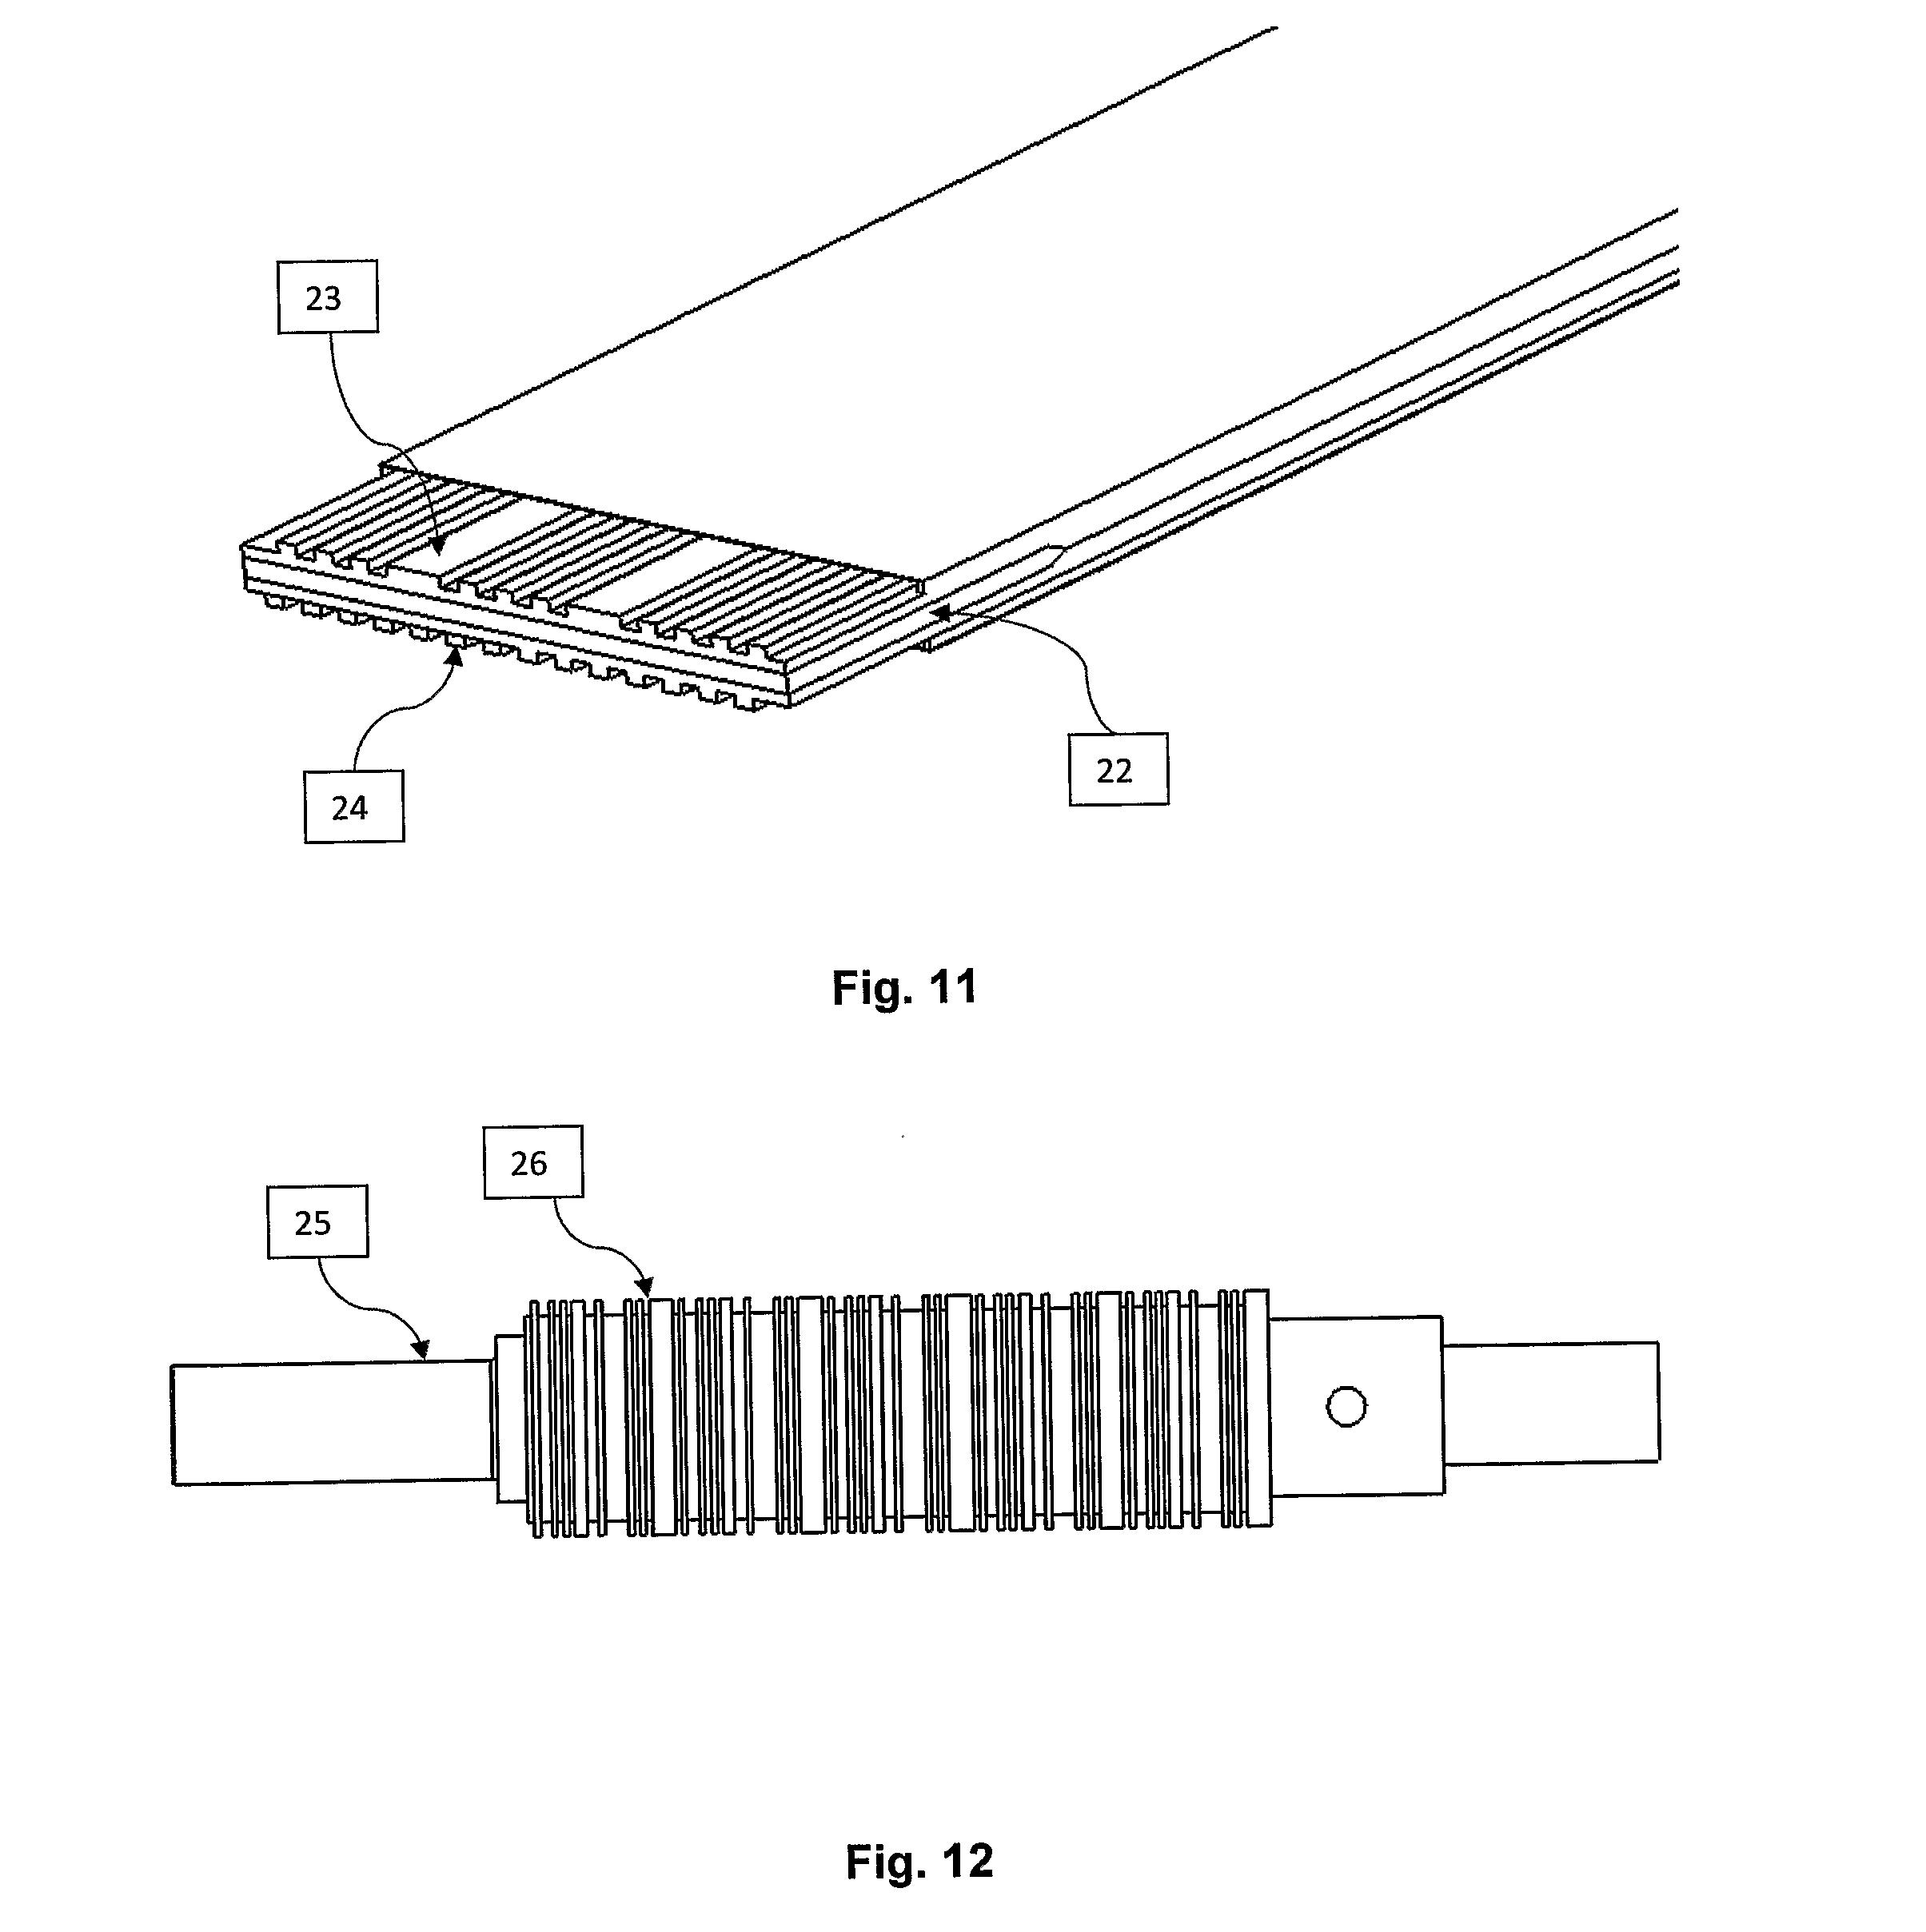 rigid flexible printed wiring board